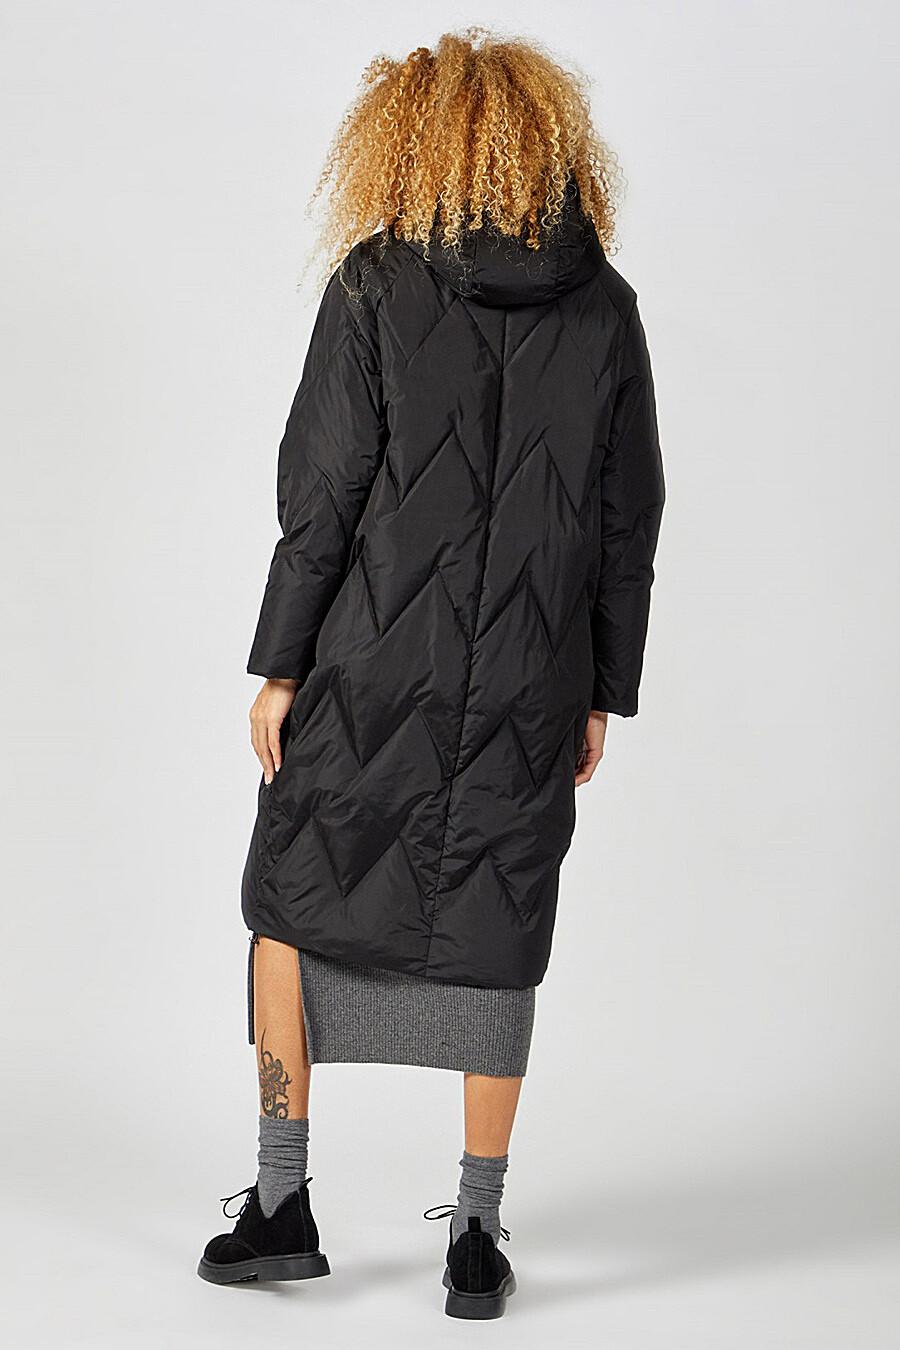 Пальто для женщин TOM FARR 148596 купить оптом от производителя. Совместная покупка женской одежды в OptMoyo